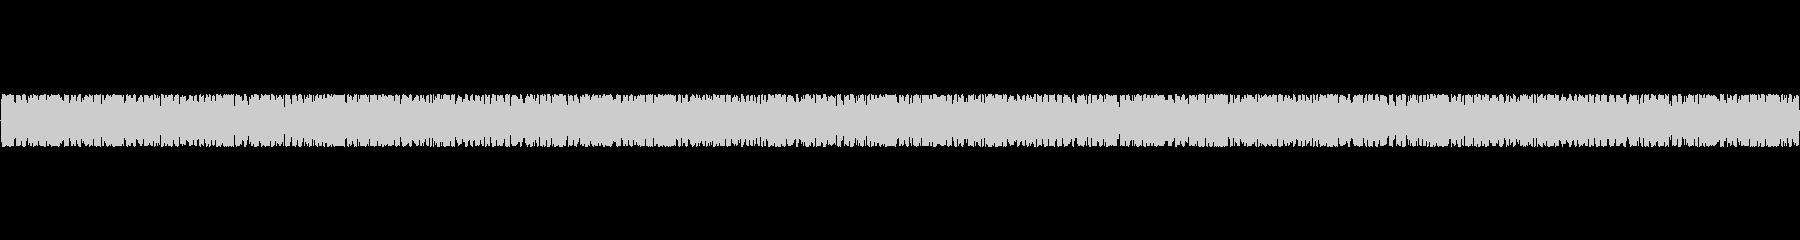 「ループ音源シリーズ」旅路を行く楽団が…の未再生の波形